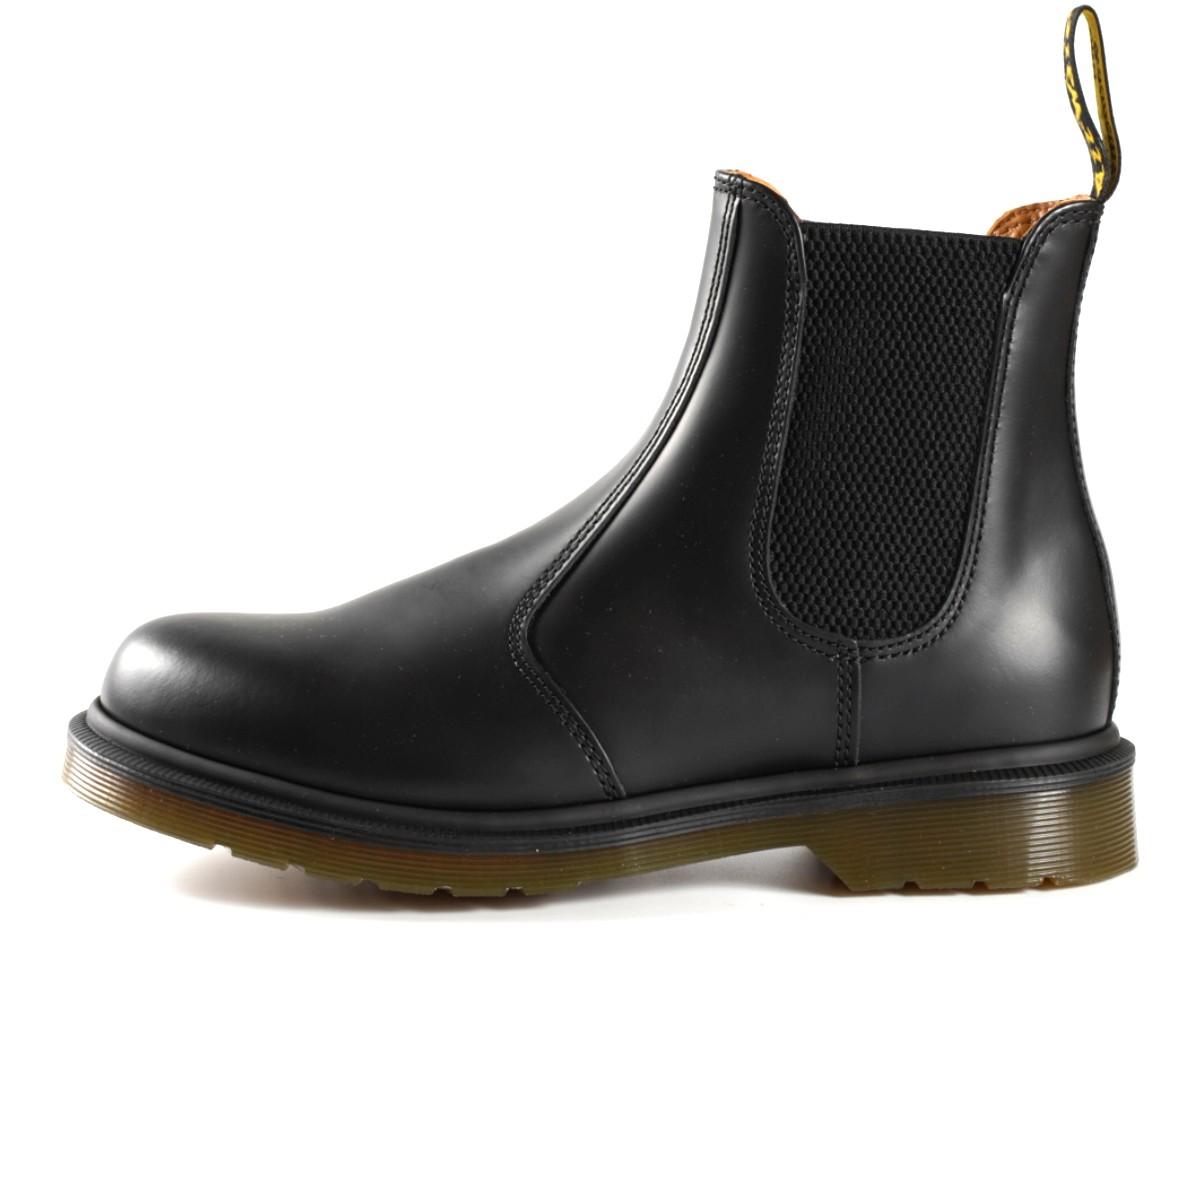 dr martens no lace boots